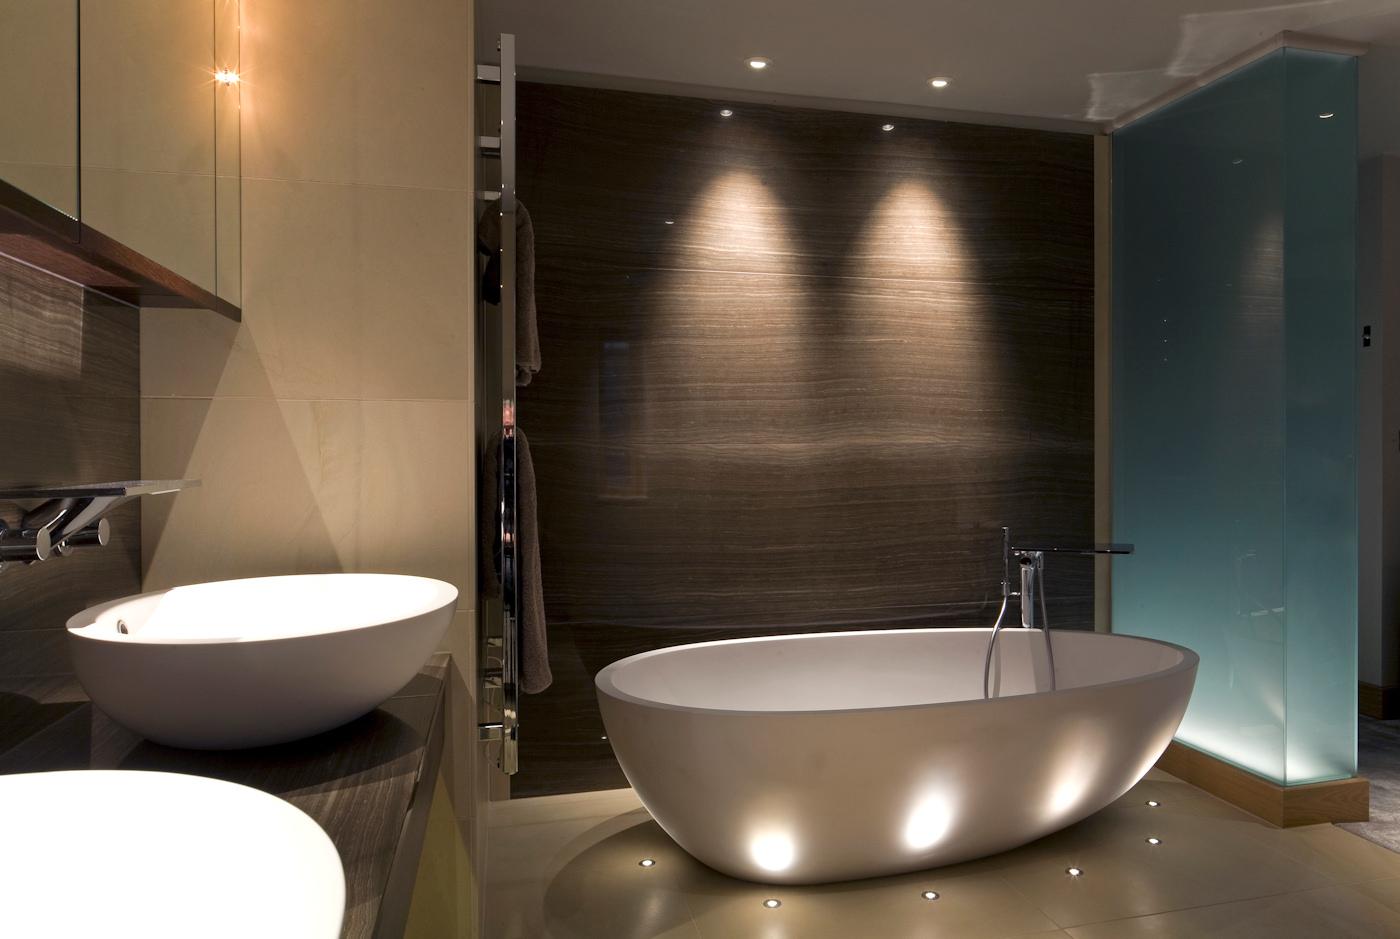 Badkamerverlichting: 12 slimme tips en ideeën